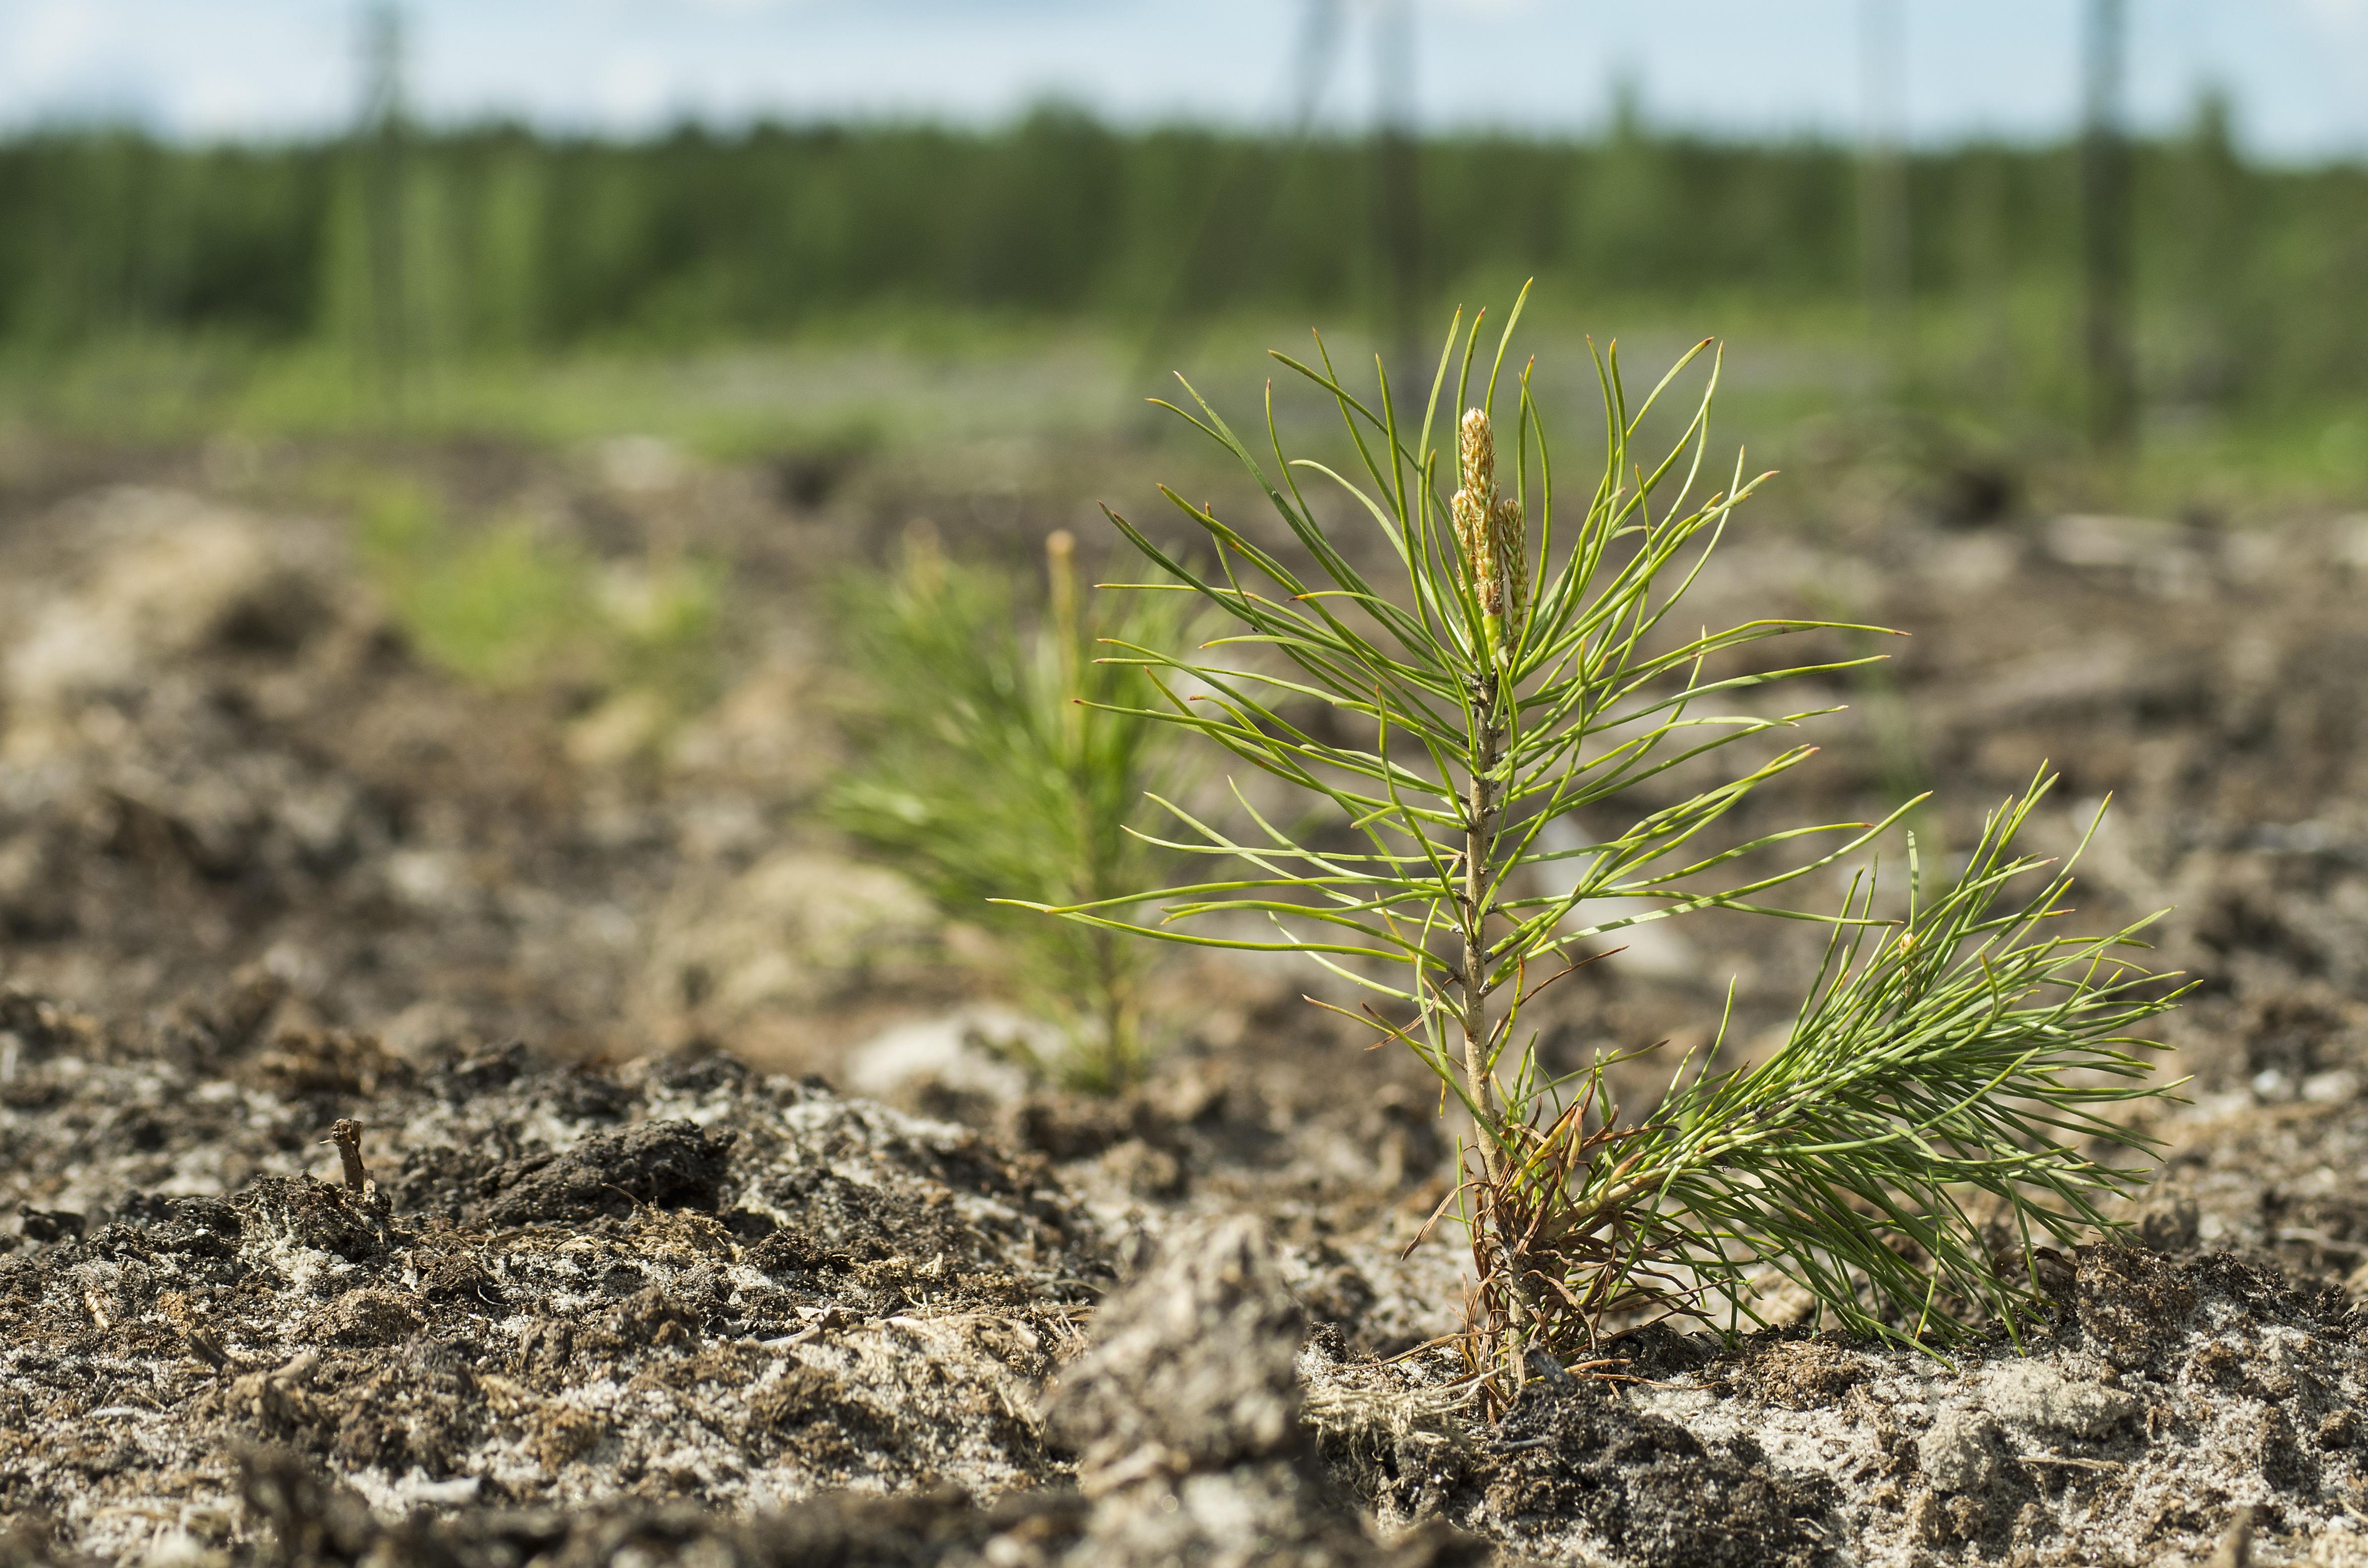 Planting pine seedlings.